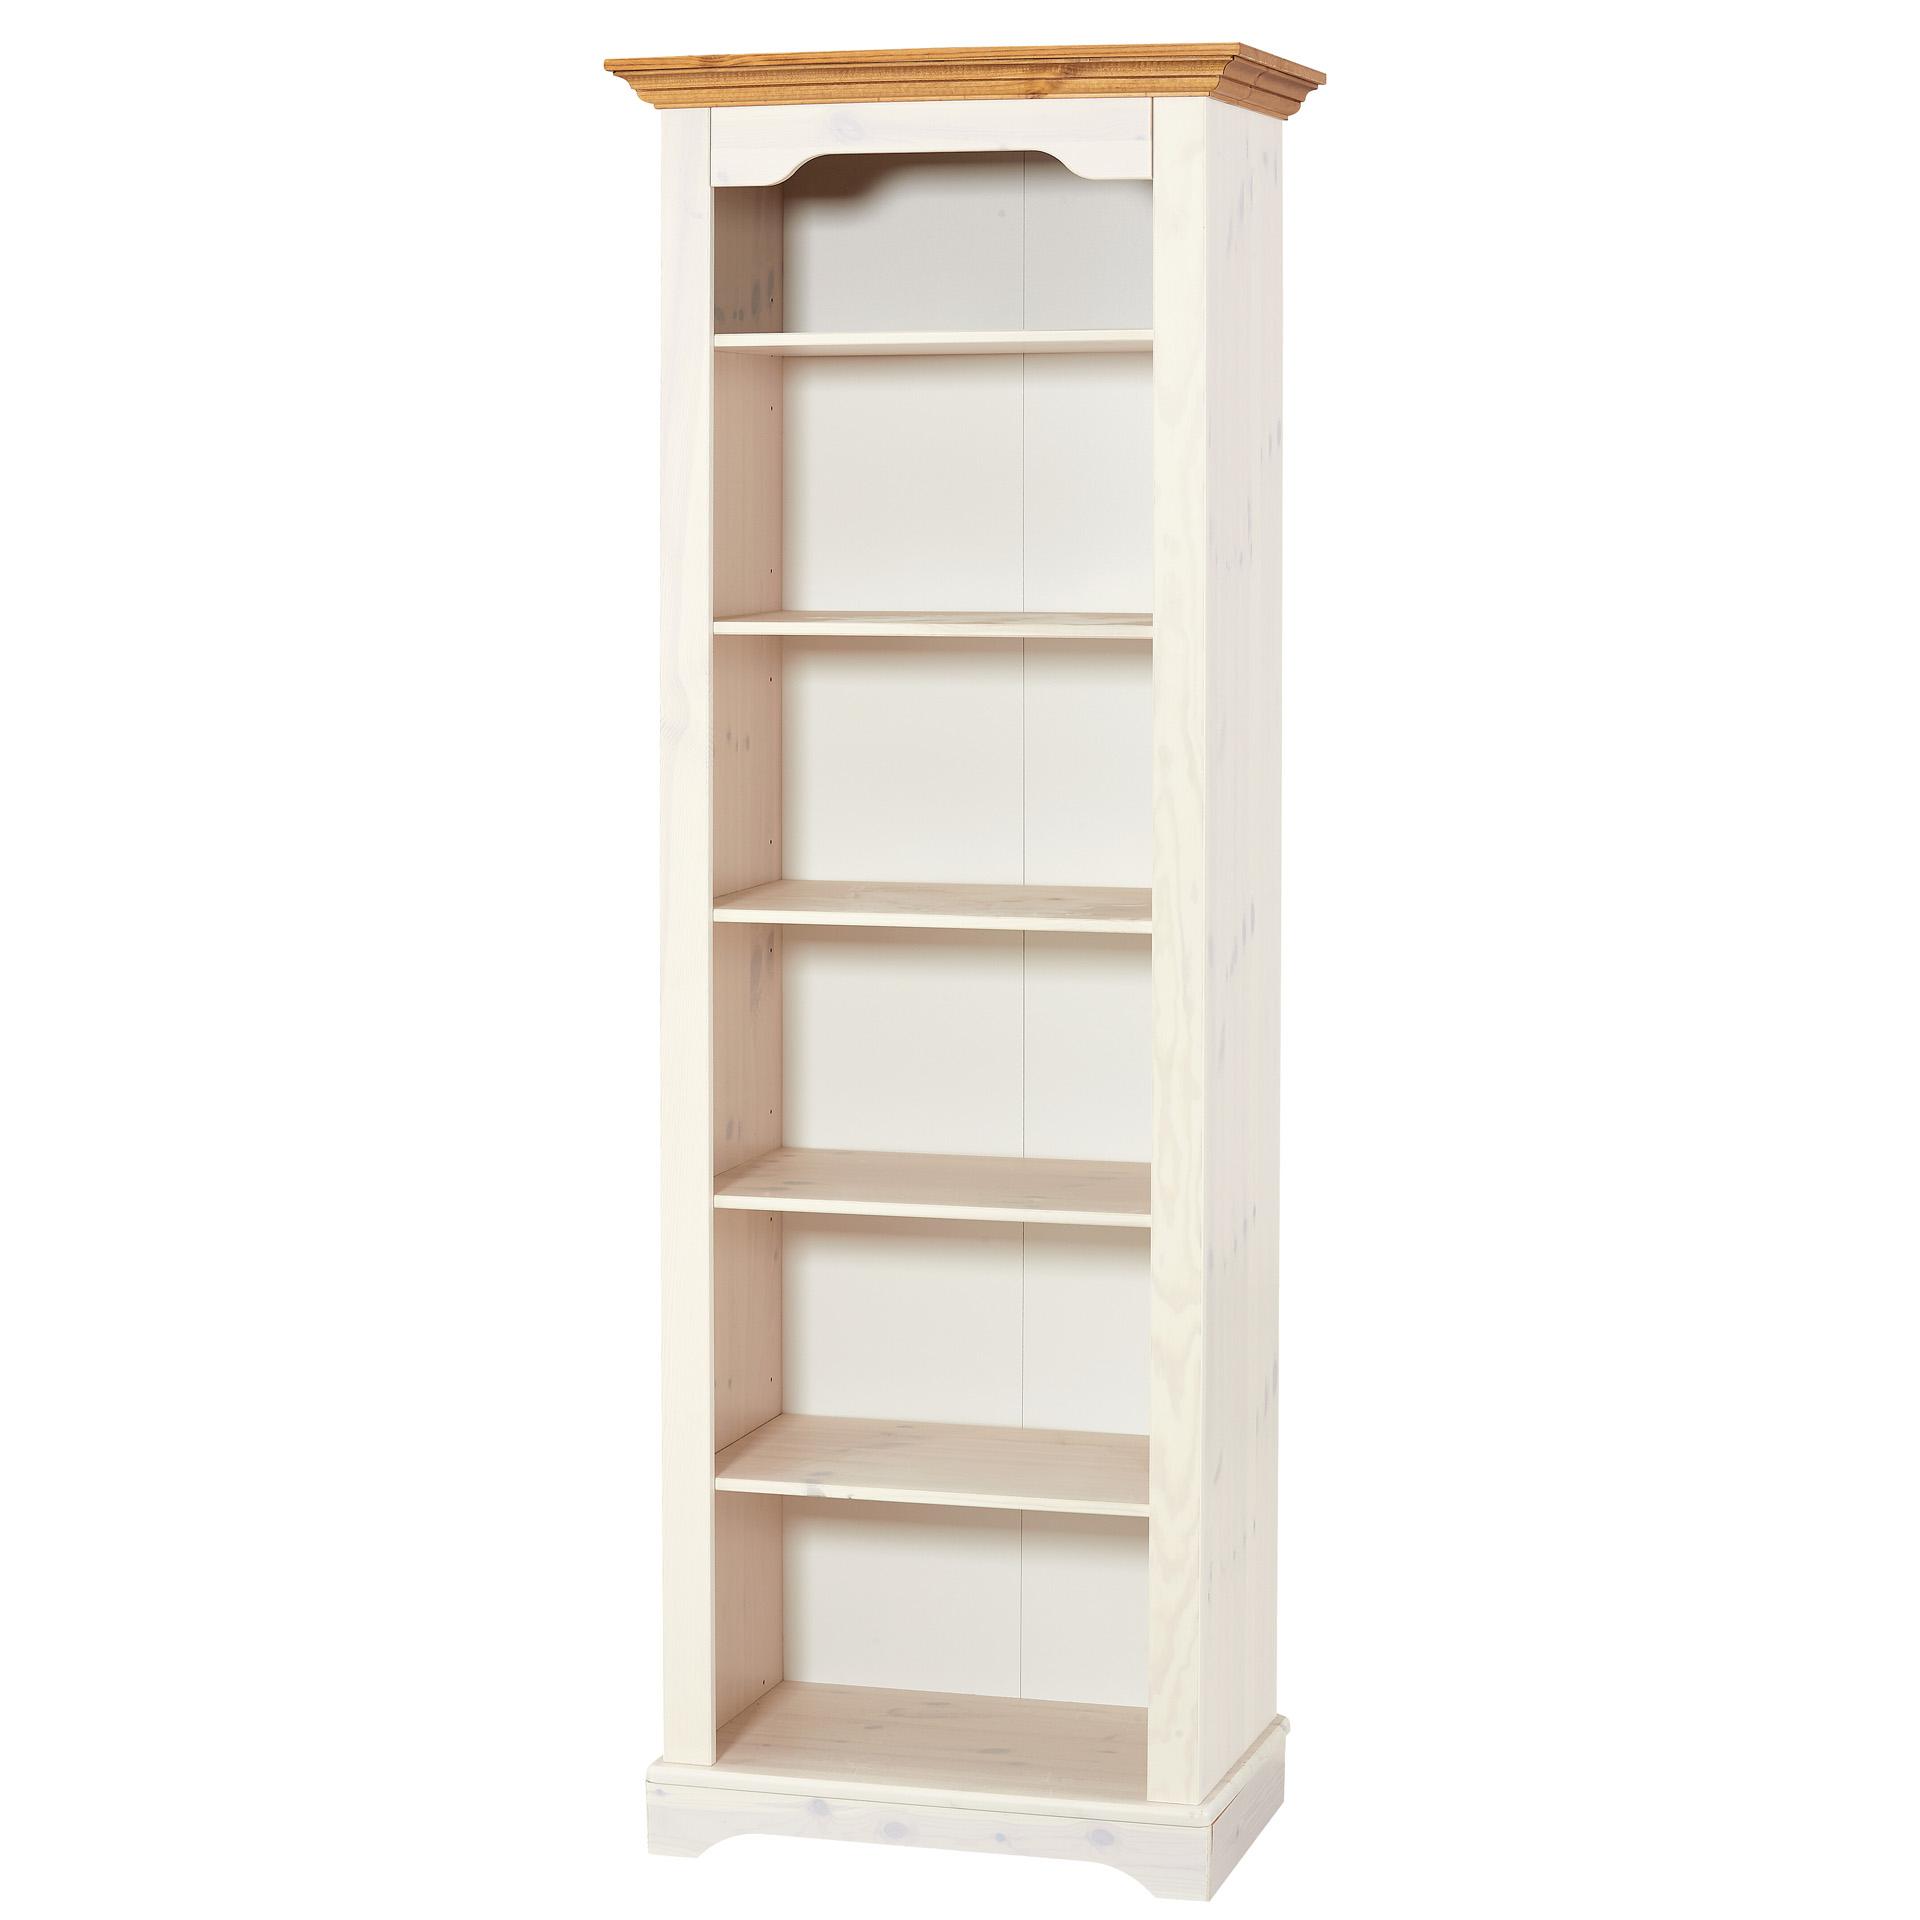 35 sparen regal lotta kiefer wei nur 129 95 cherry m bel d nisches bettenlager. Black Bedroom Furniture Sets. Home Design Ideas